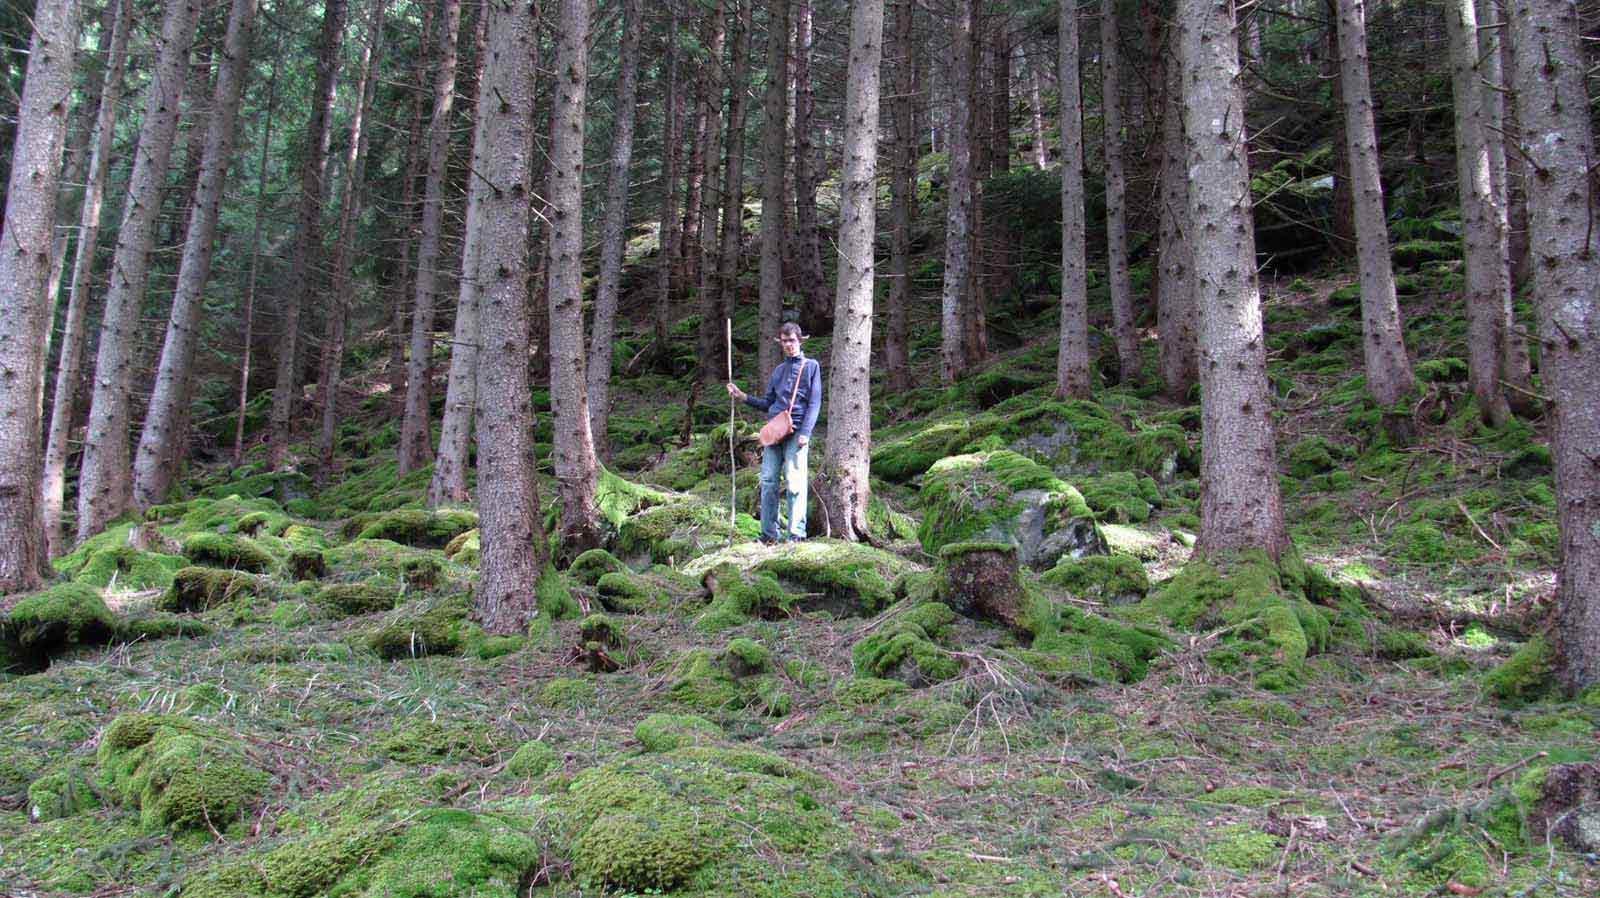 Mondelf Sleiranir im Wald (Foto: Sleiranir Wenger)